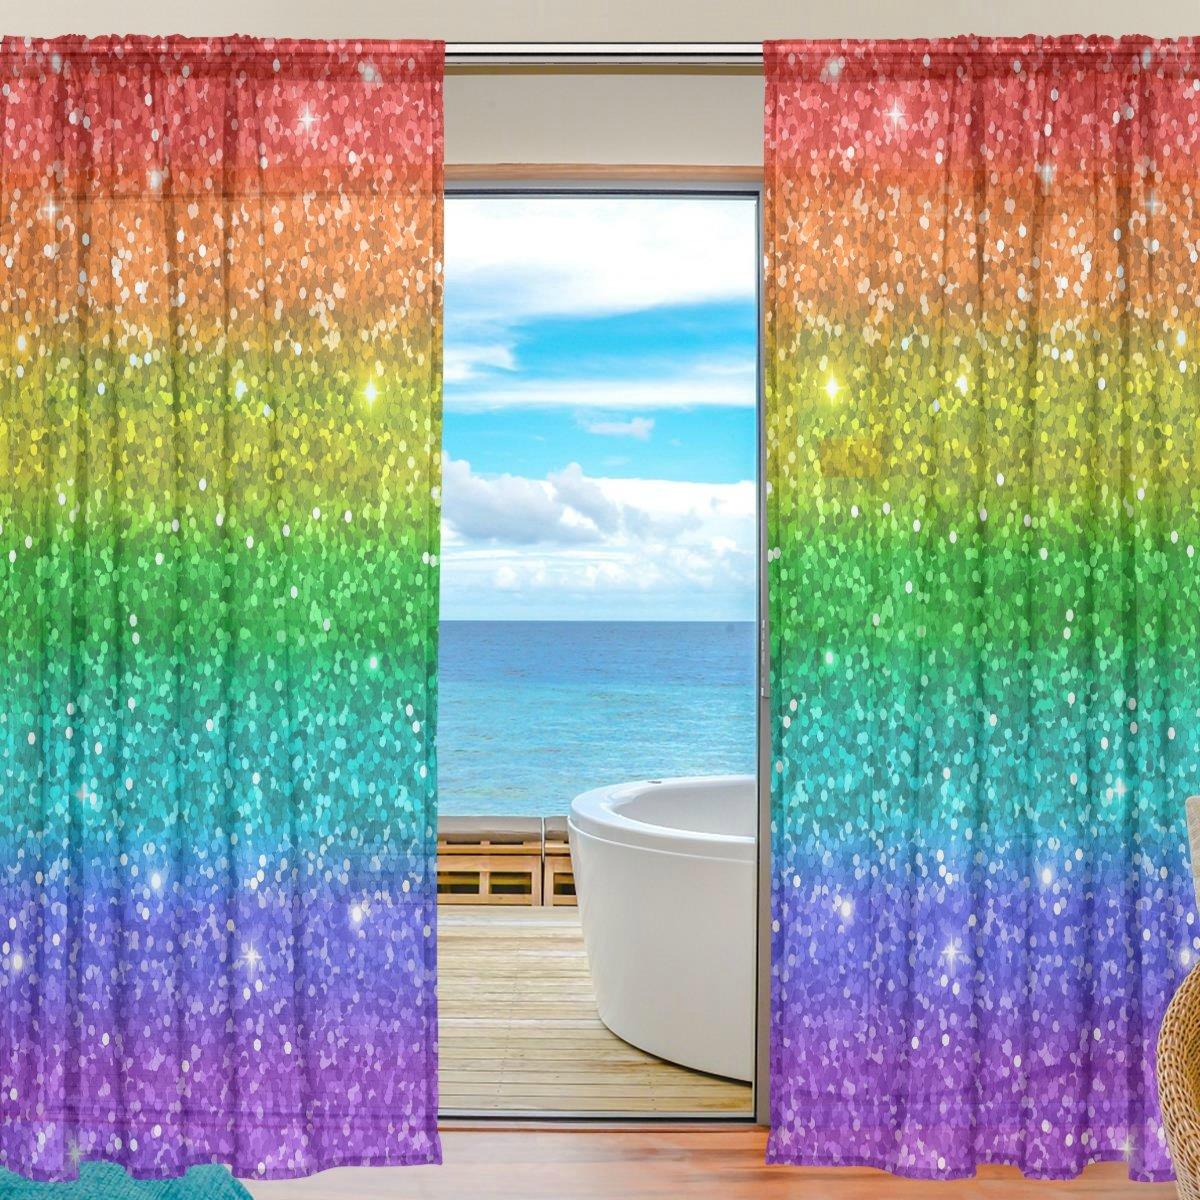 seulifeウィンドウ薄手のカーテン、マルチカラーレインボーグリッタースターボイルカーテンドレープドアキッチンリビングルームベッドルーム55 x 78インチ2パネル 55